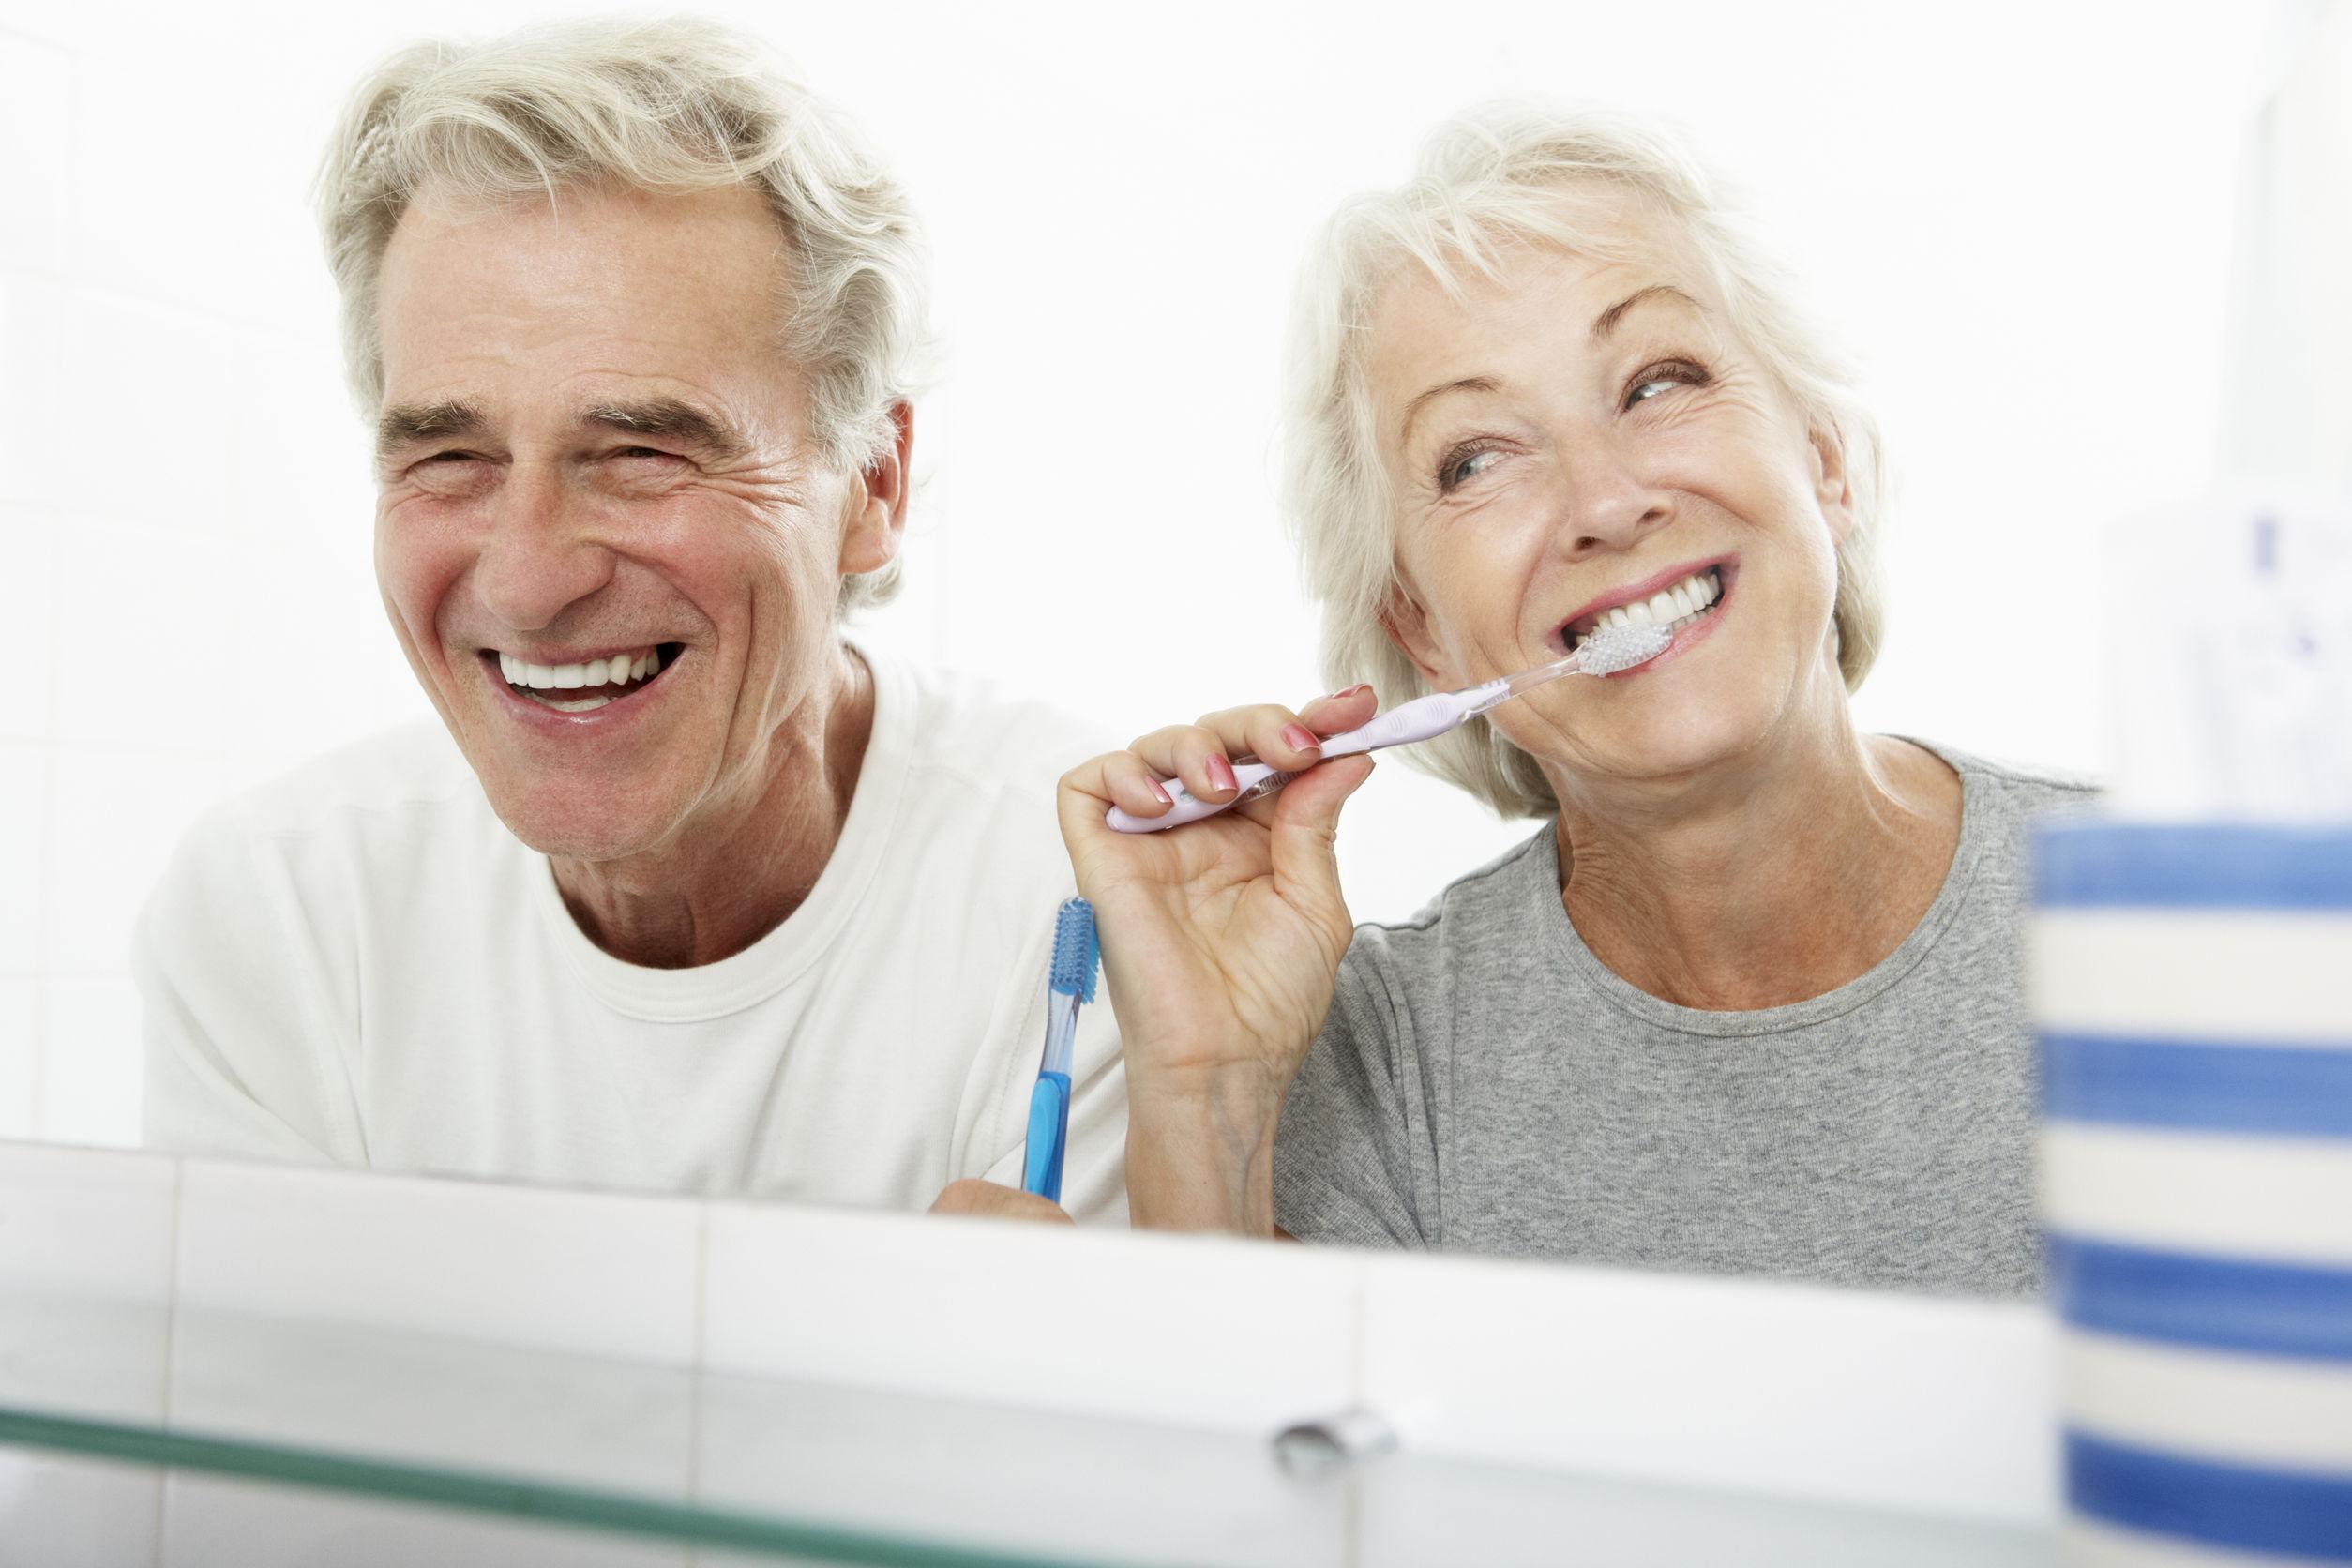 hogyan lehet gyógyítani a rossz lehelet értékeléseket pinworm rövid leírása